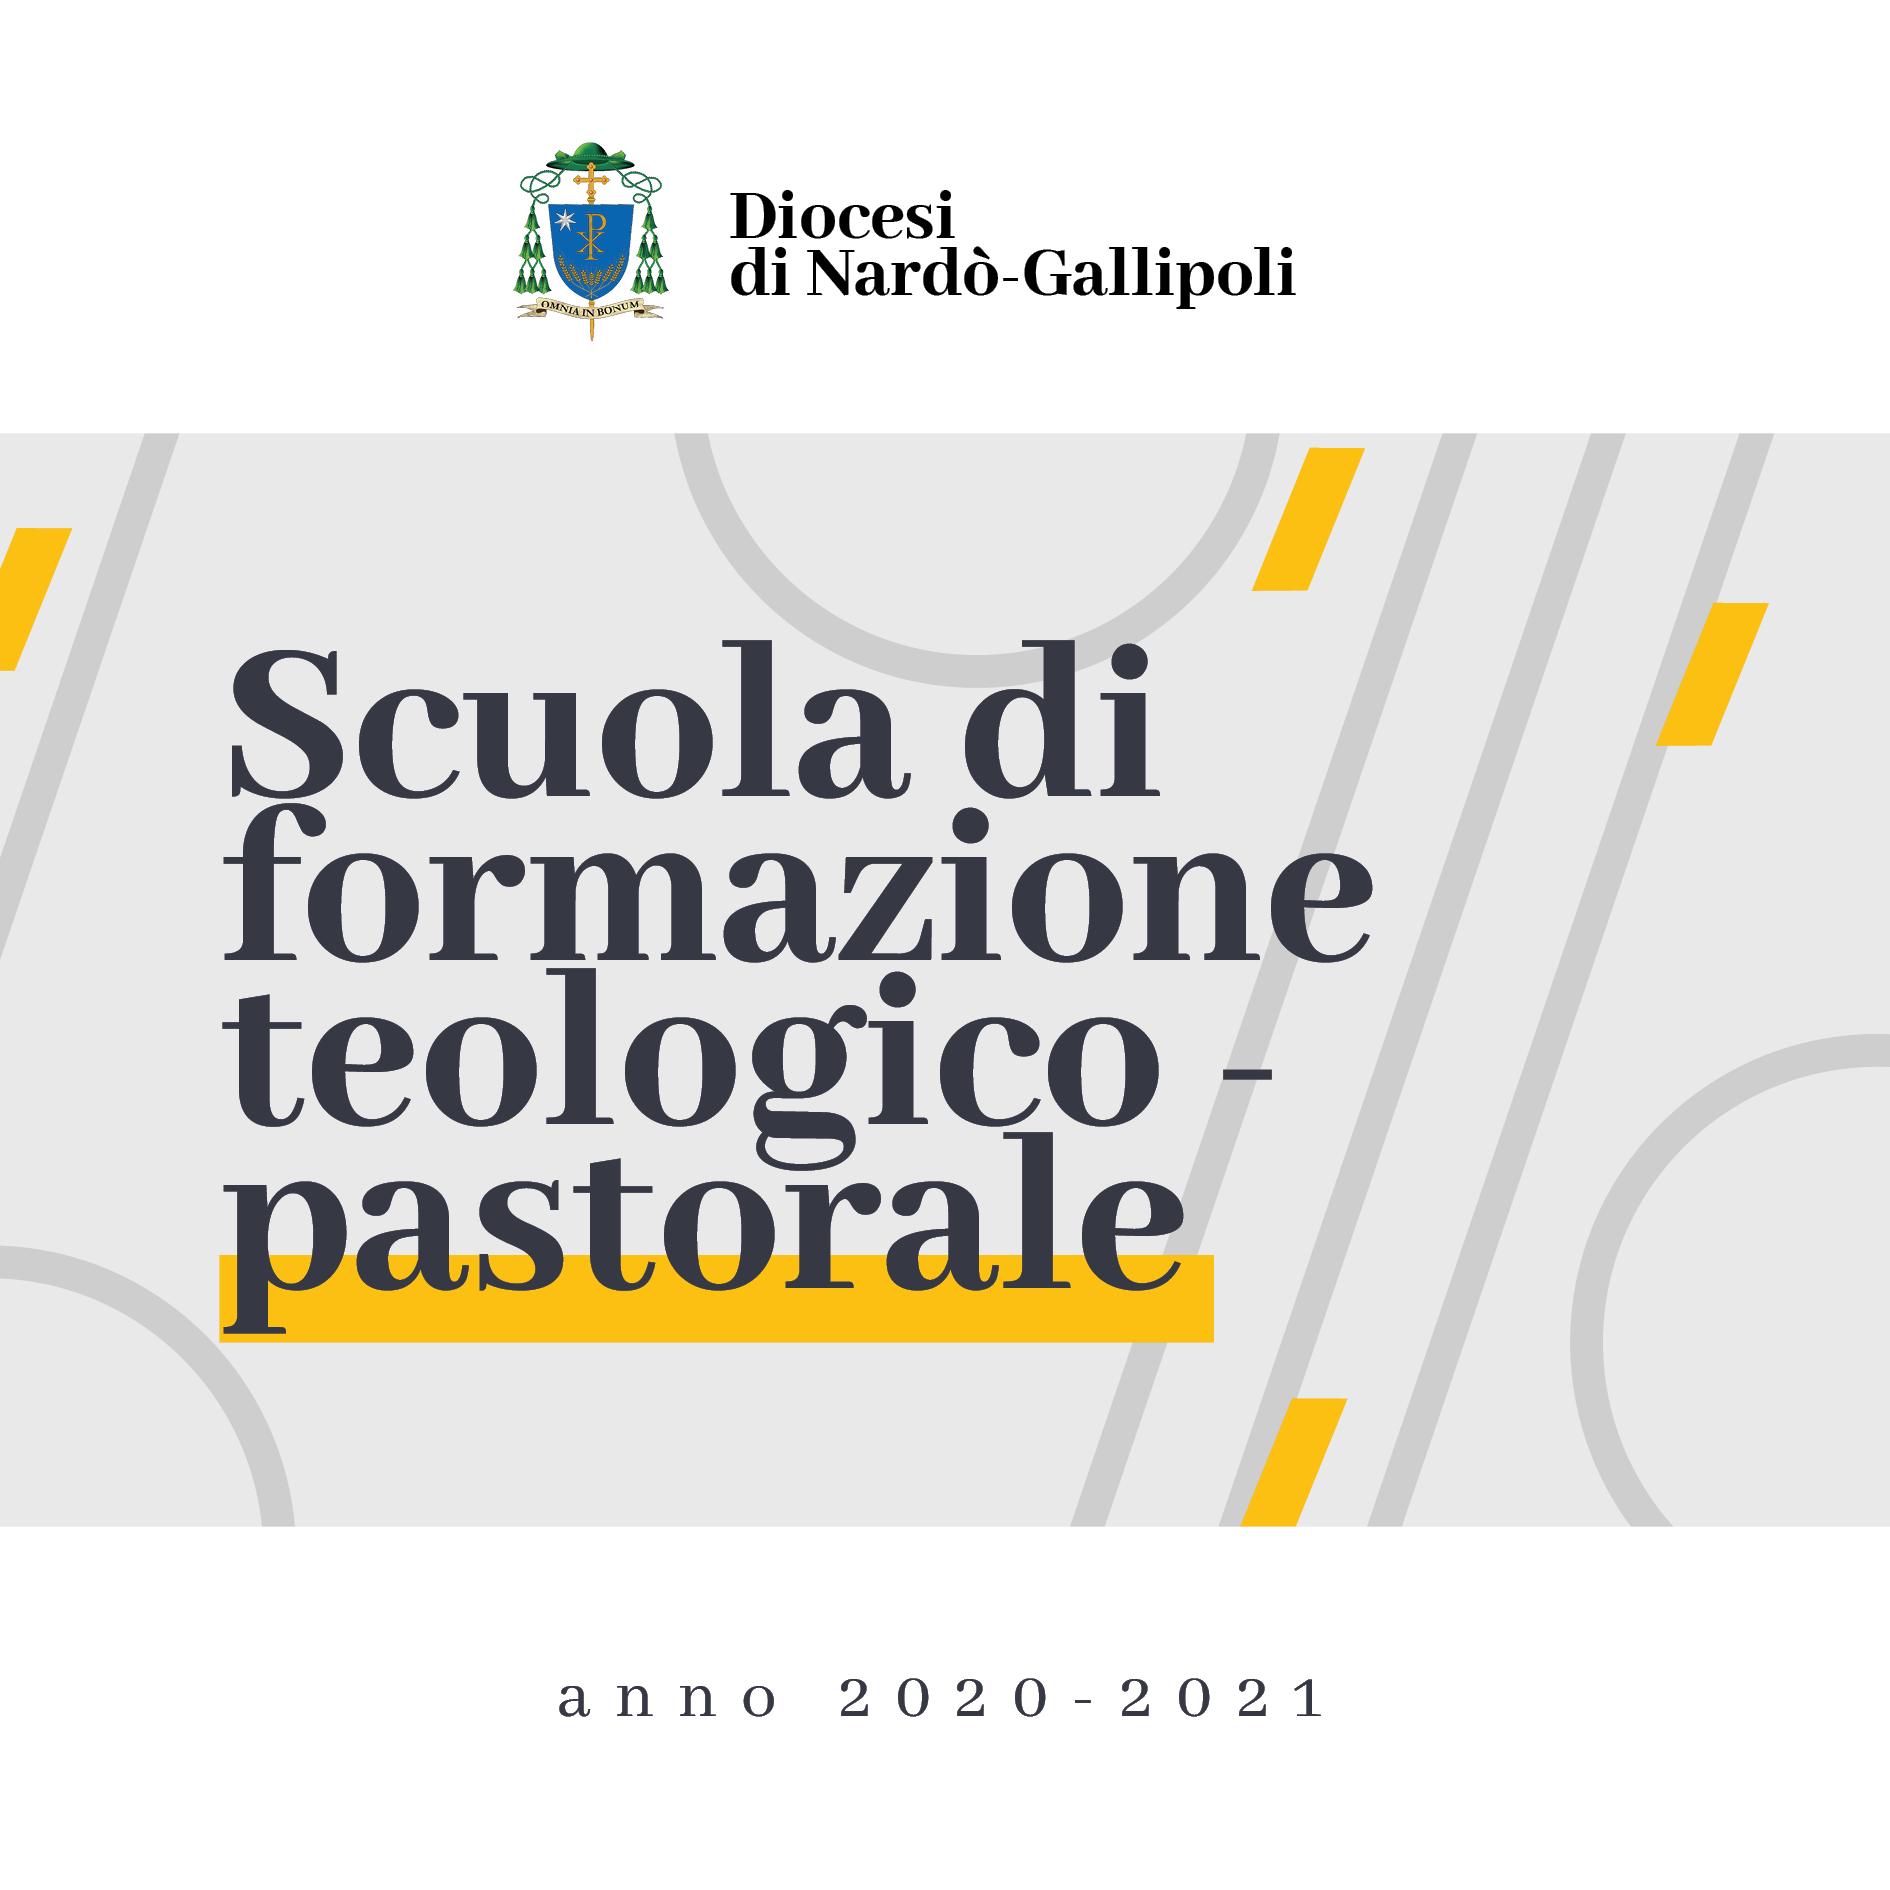 Incontri con gli iscritti alla Scuola di formazione teologico-pastorale